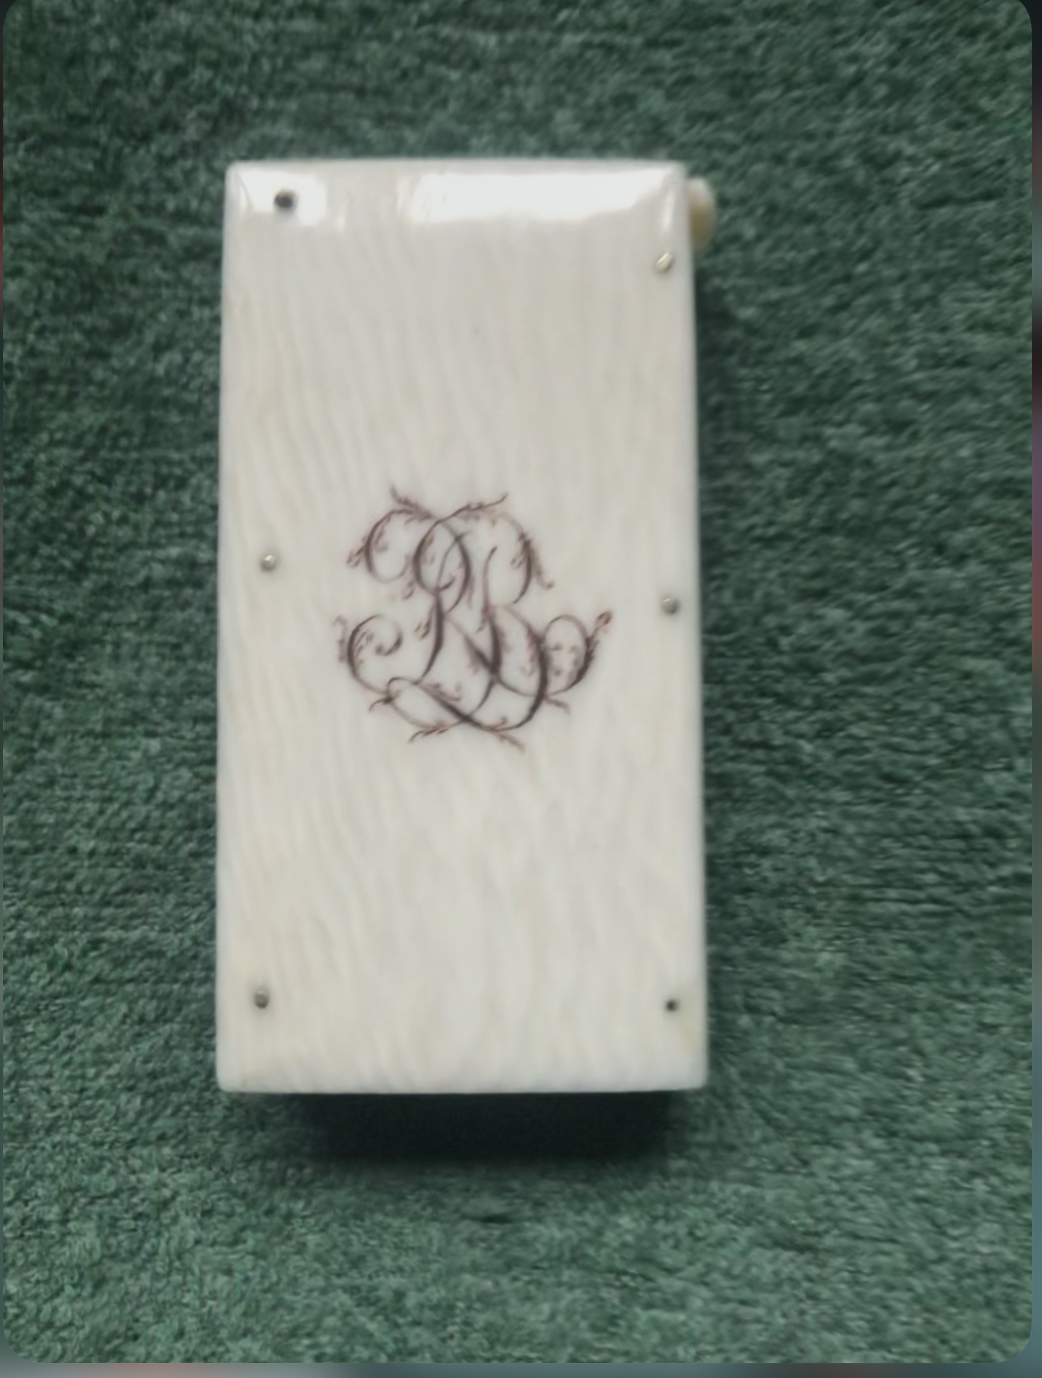 Scatolina porta-fiammiferi in avorio com iniziali incise.